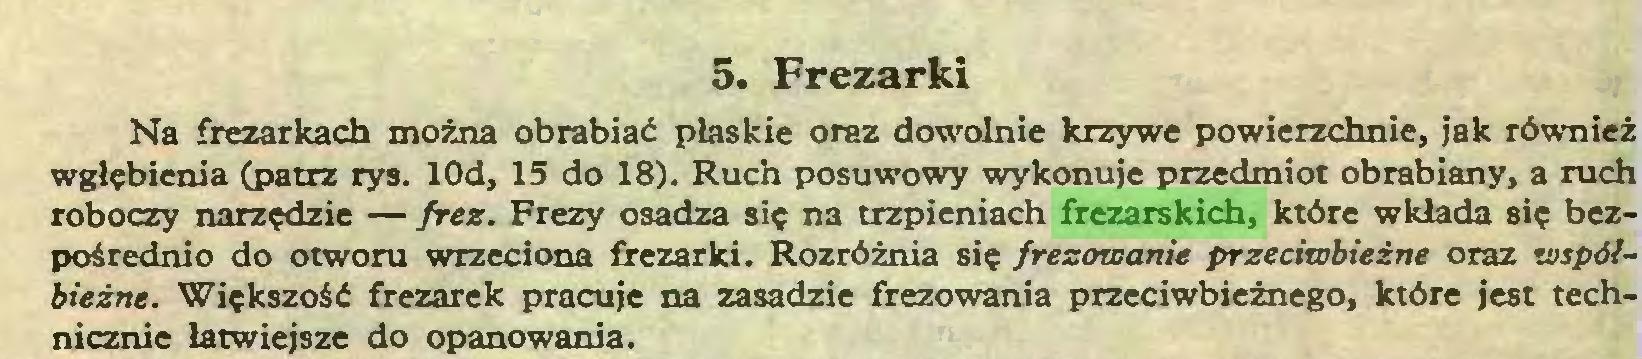 (...) 5. Frezarki Na frezarkach można obrabiać płaskie oraz dowolnie krzywe powierzchnie, jak również wgłębienia (patrz rys. lOd, 15 do 18). Ruch posuwowy wykonuje przedmiot obrabiany, a ruch roboczy narzędzie — frez. Frezy osadza się na trzpieniach frezarskich, które wkłada się bezpośrednio do otworu wrzeciona frezarki. Rozróżnia się frezowanie przeciwbieżne oraz współbieżne. Większość frezarek pracuje na zasadzie frezowania przeciwbieżnego, które jest technicznie łatwiejsze do opanowania...